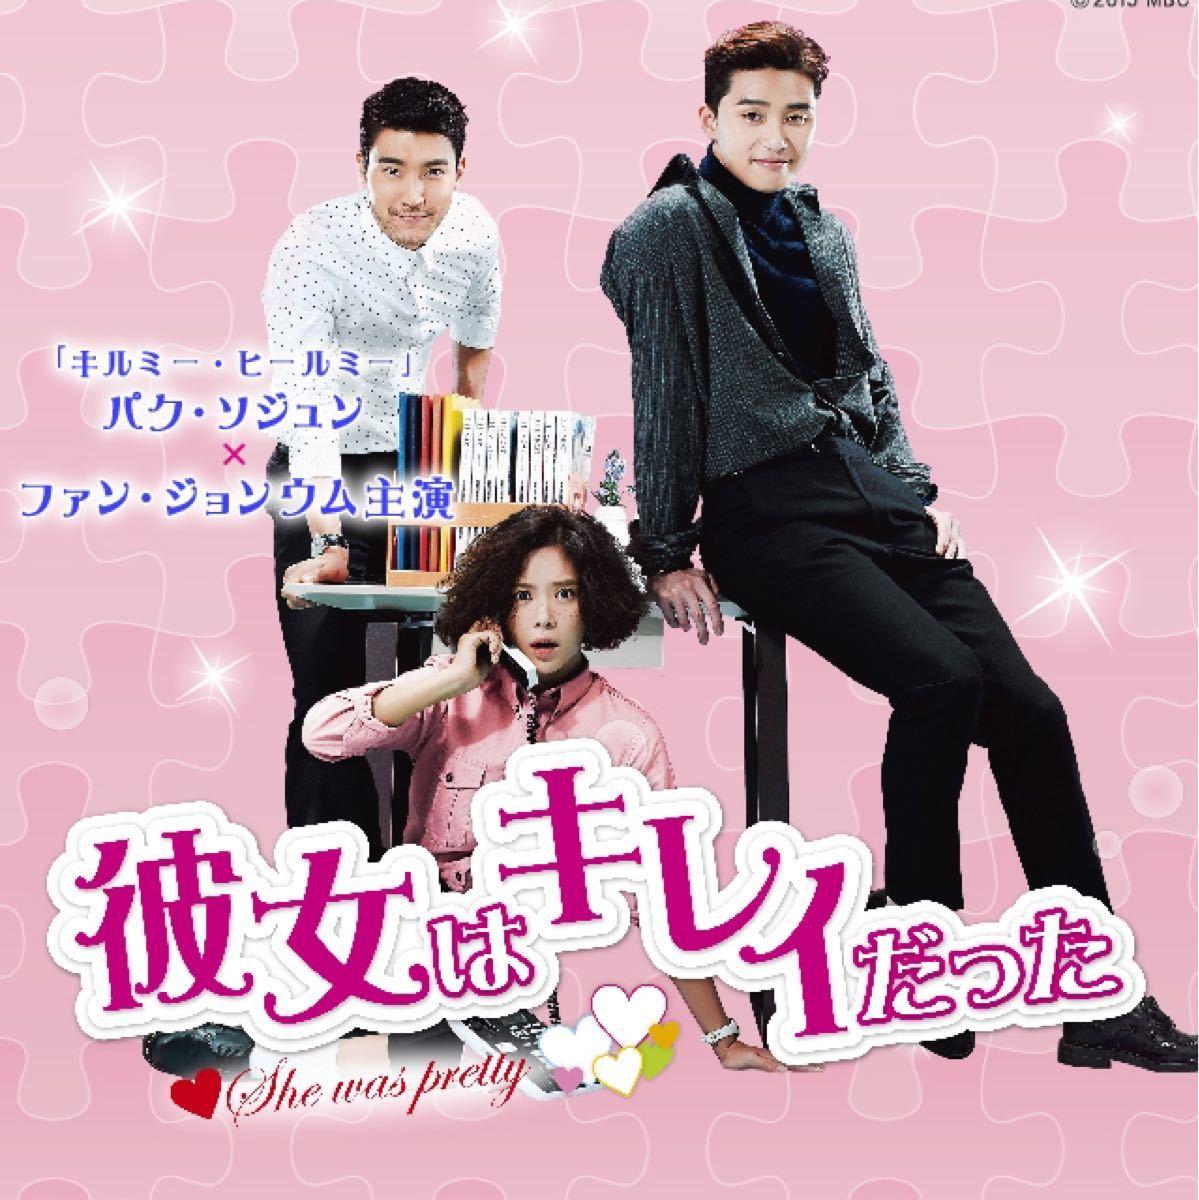 韓国ドラマ 彼女はキレイだった DVD『レーベル印刷有り』全話